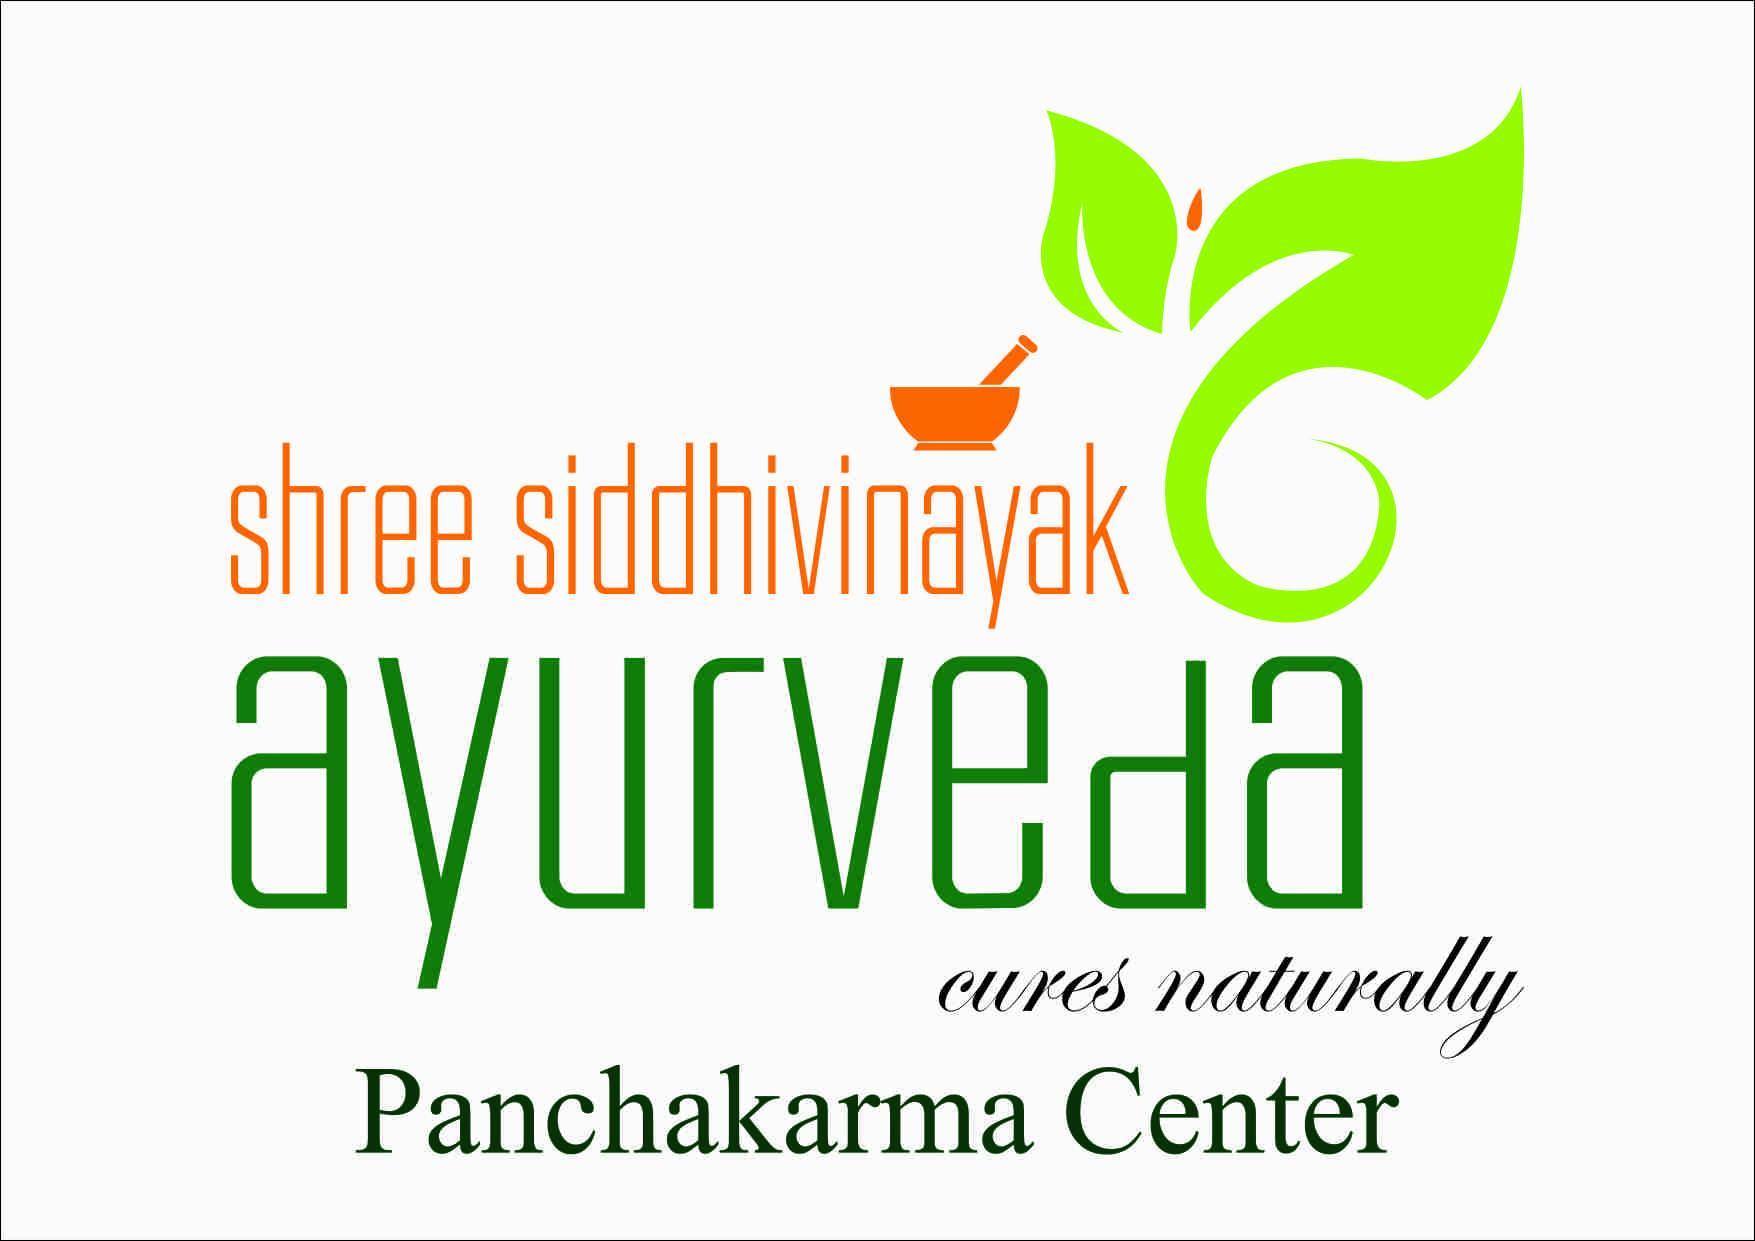 Shree Siddhivinayak Ayurveda Panchakrma Center